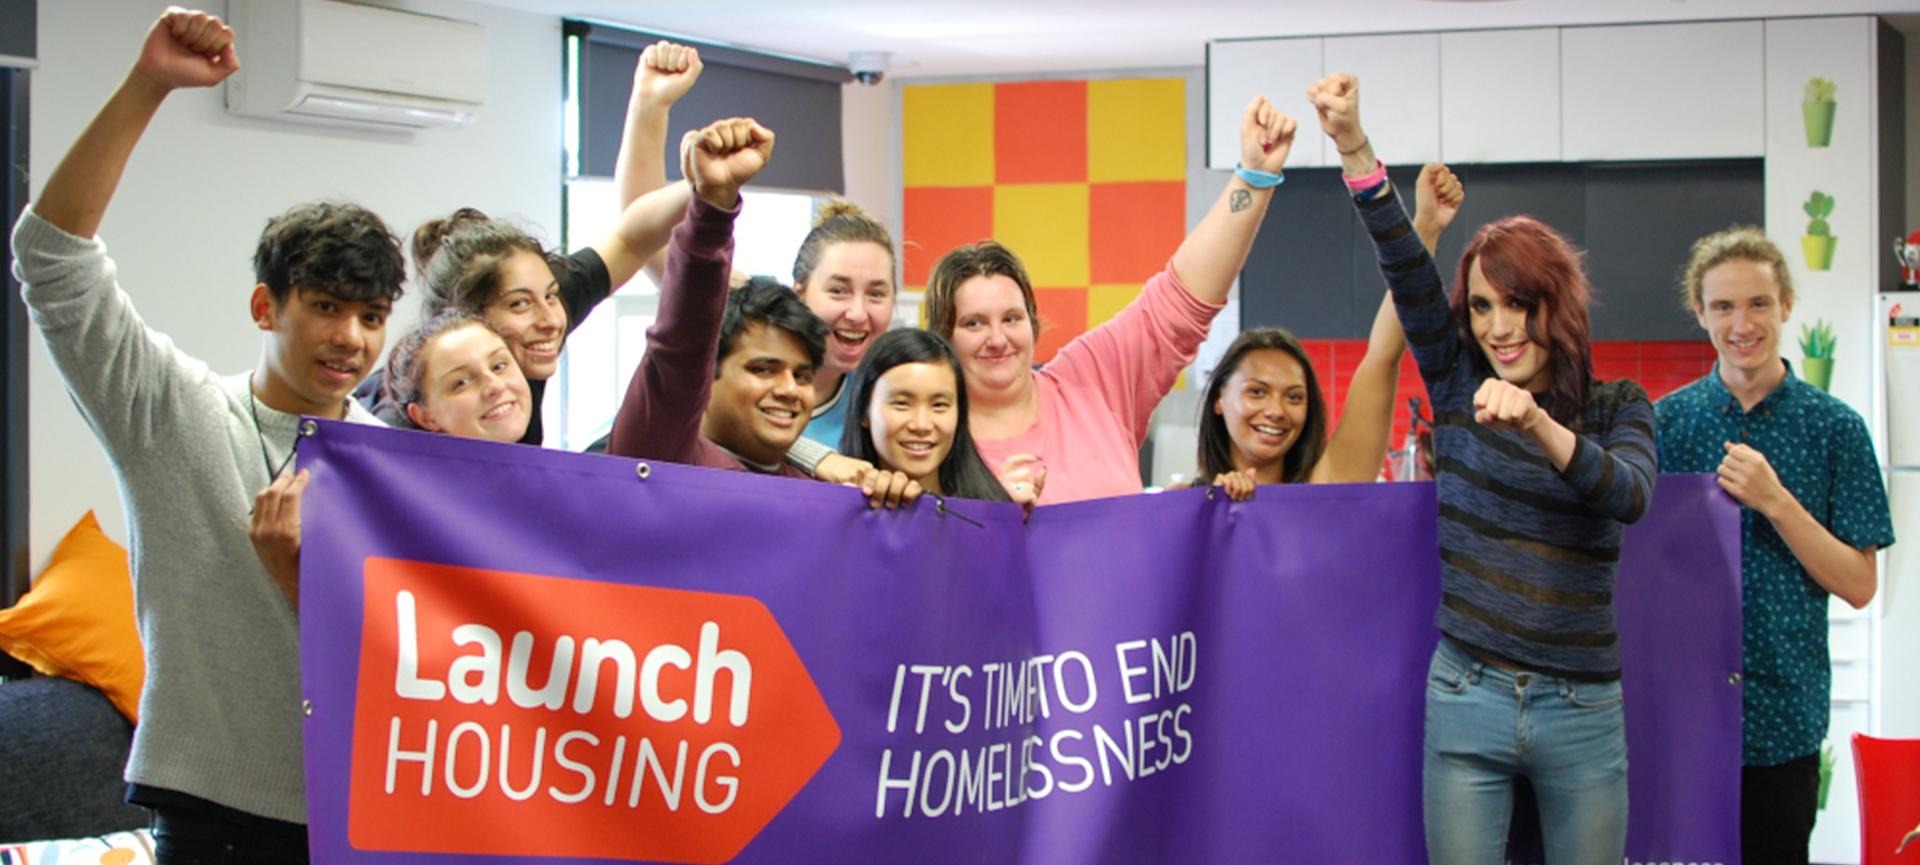 Launch Housing banner